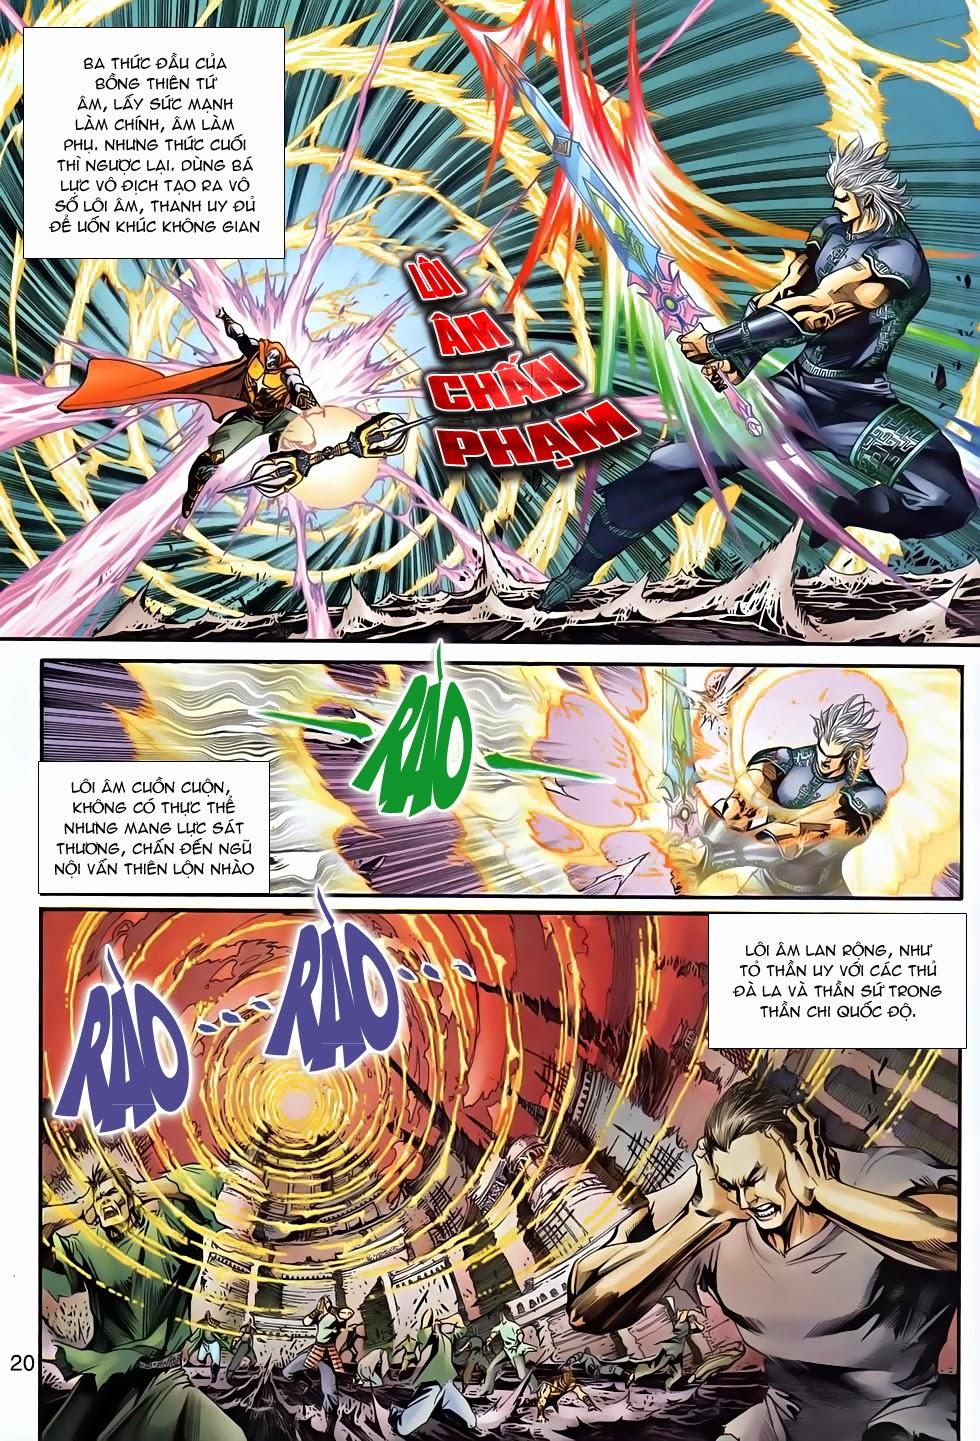 Thần Binh Tiền Truyện 2 chap 21 Trang 20 - Mangak.info